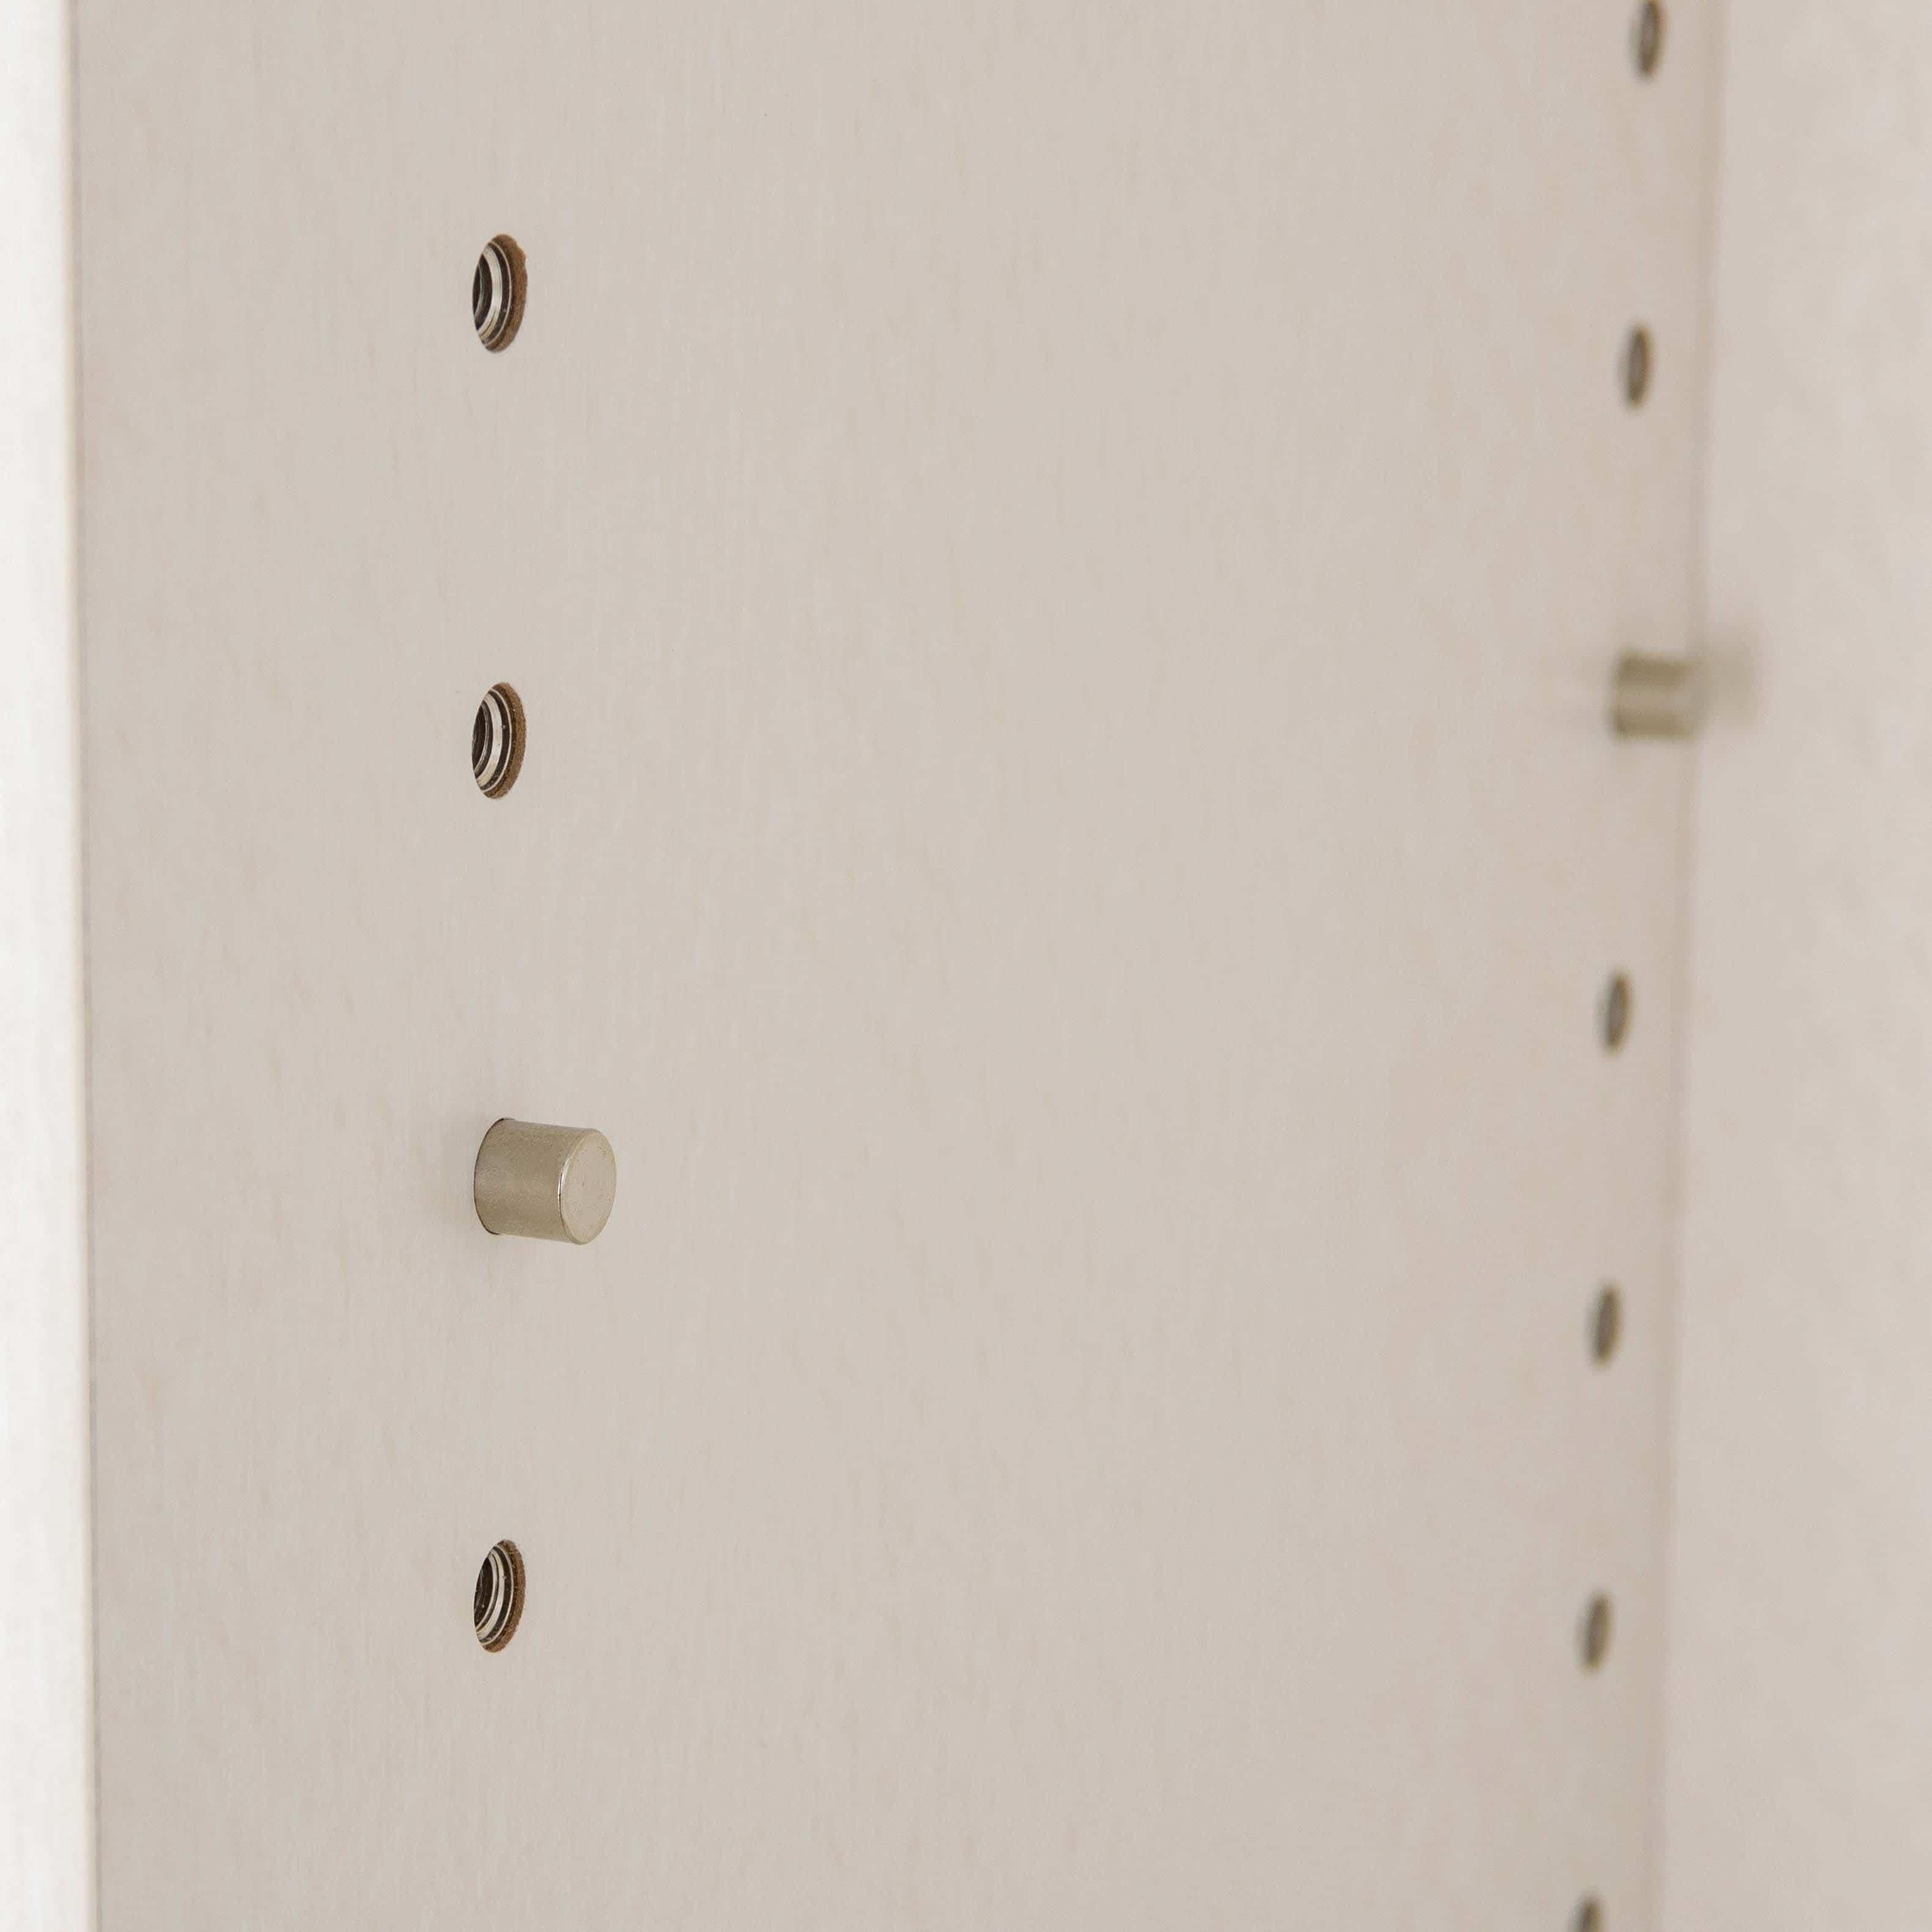 小島工芸 上置 アコード85A(ウォールモカ):キレイに収まる魅せる収納